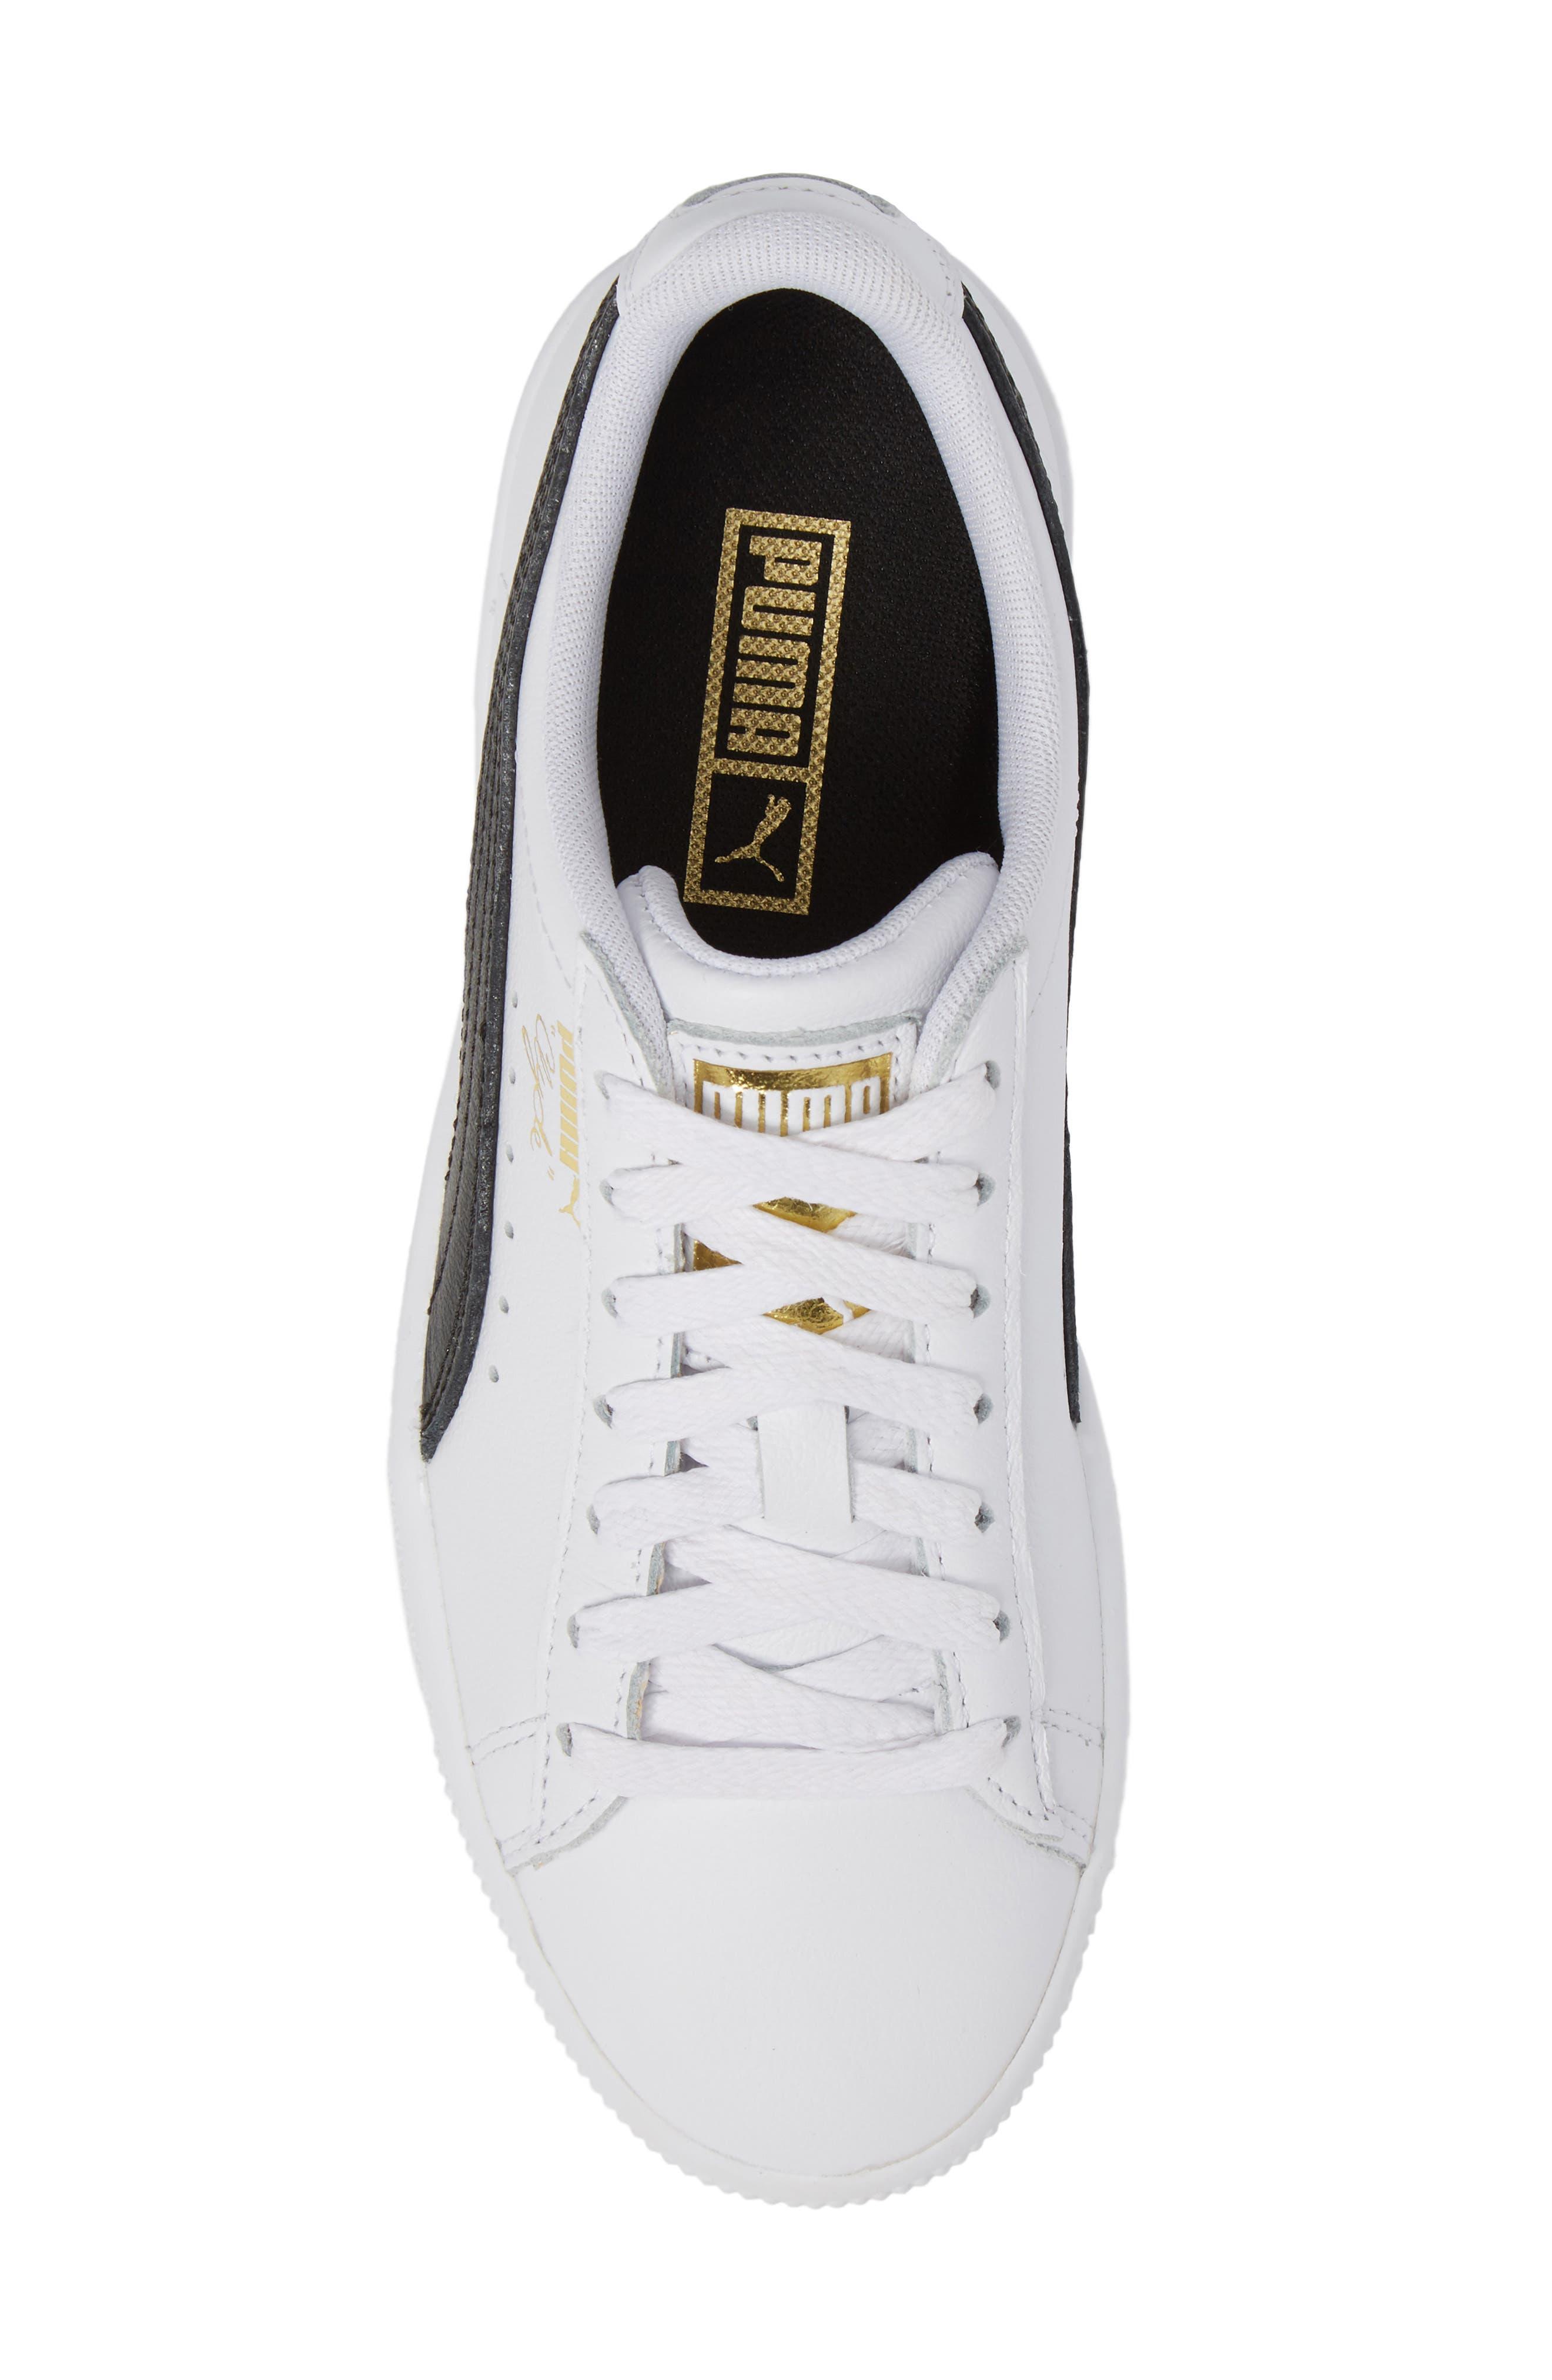 Clyde Sneaker,                             Alternate thumbnail 5, color,                             WHITE/ BLACK/ GOLD